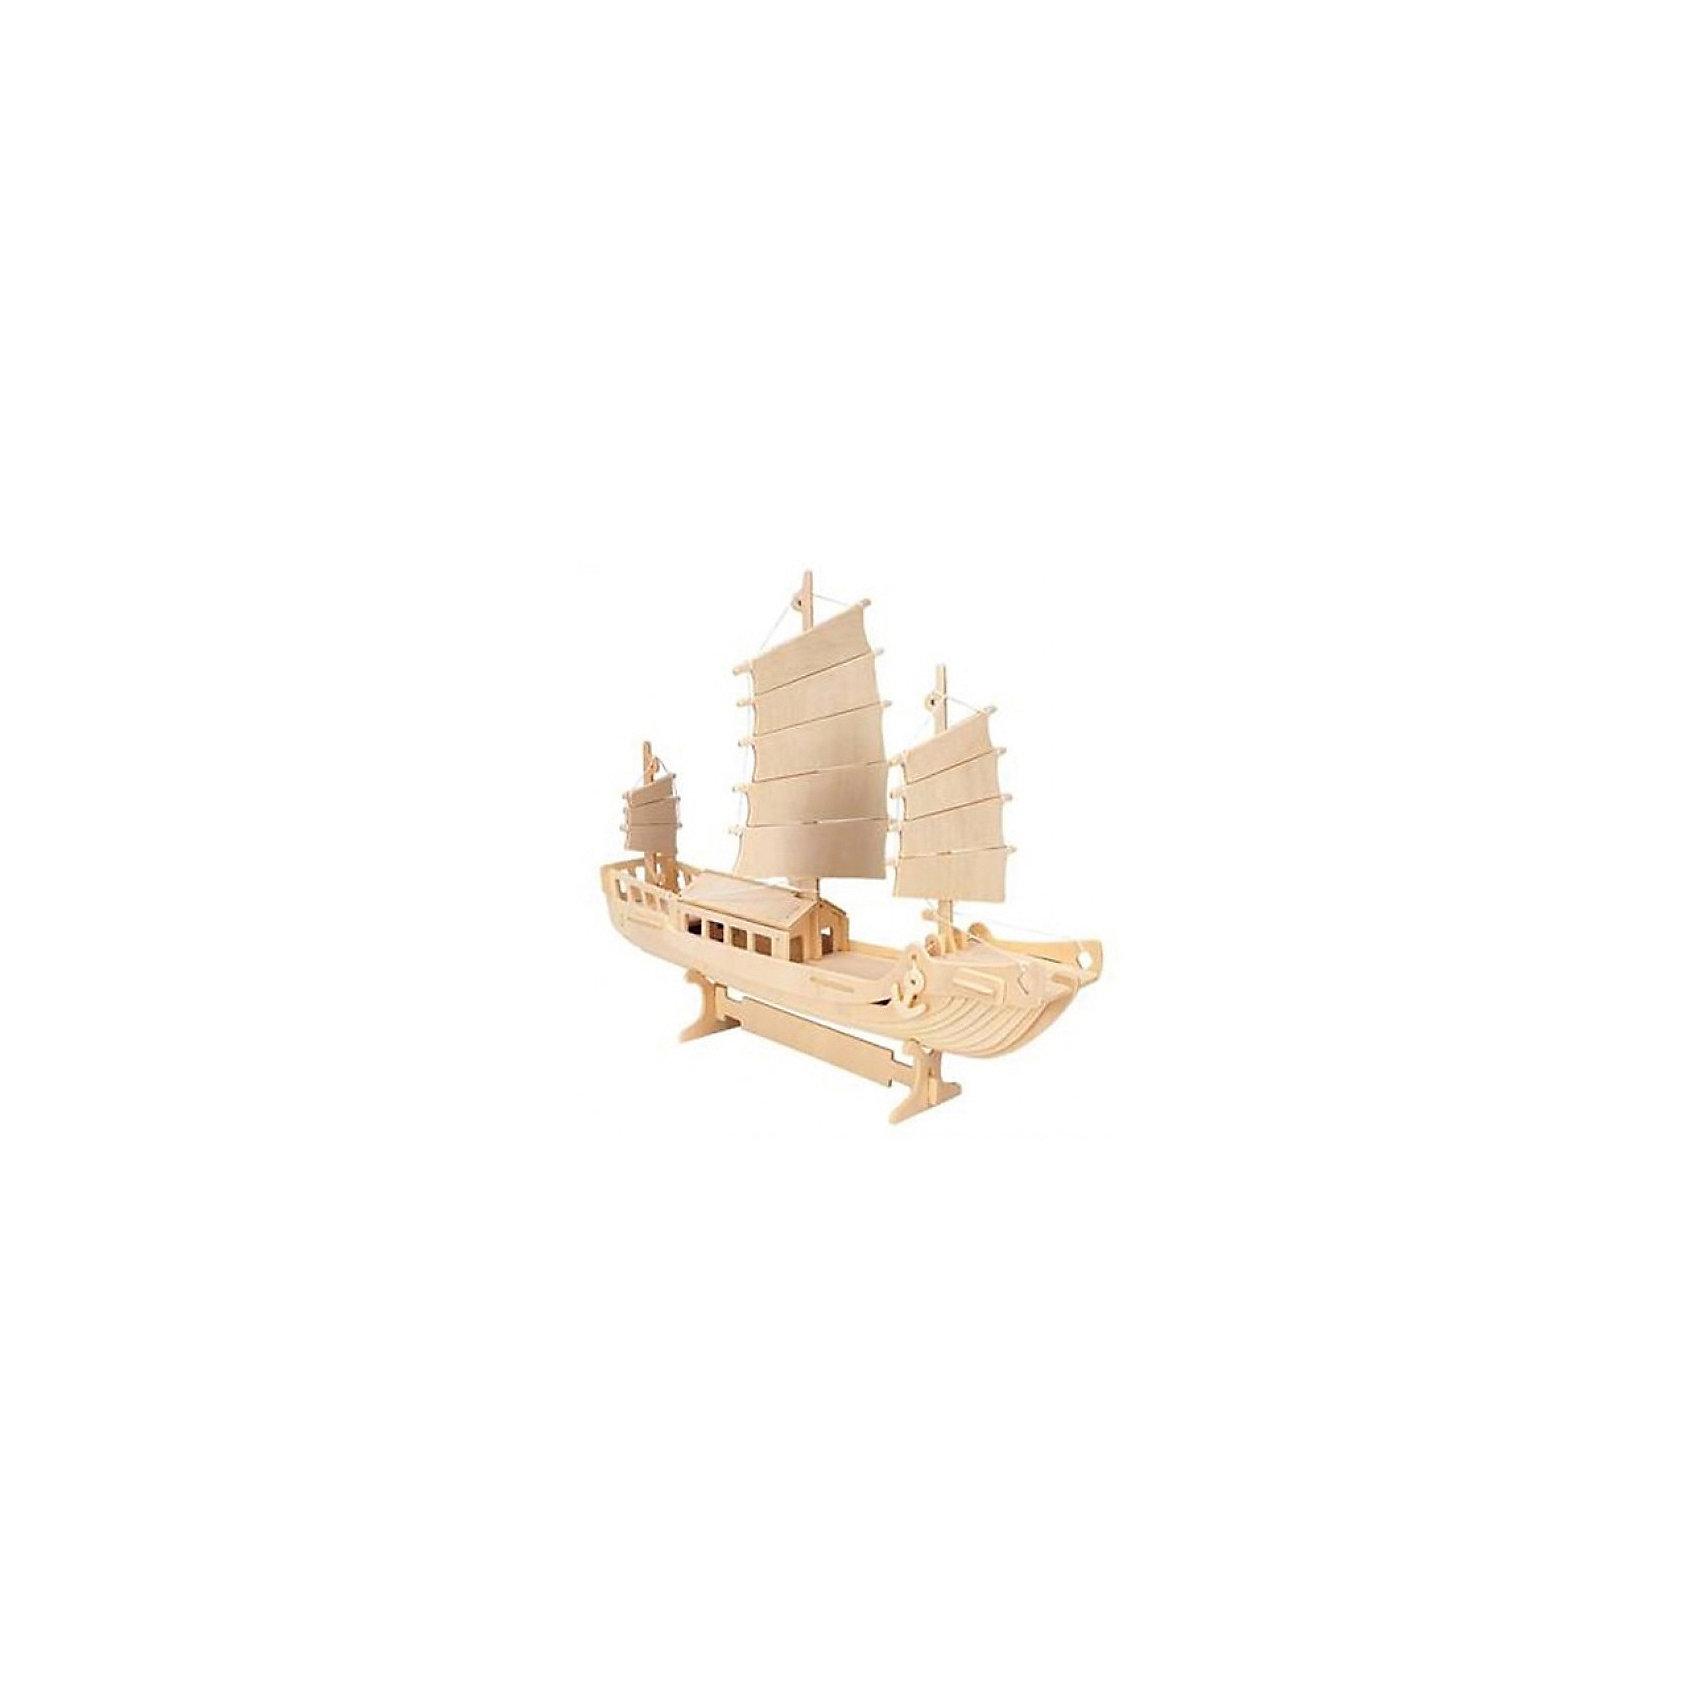 Корабль-охранник, Мир деревянных игрушекРукоделие<br>Удачный вариант подарка для любящего морские суда творческого ребенка - этот набор, из которого можно самому сделать красивую деревянную фигуру! Для этого нужно выдавить из пластины с деталями элементы для сборки и соединить их. Из наборов получаются красивые очень реалистичные игрушки, которые могут стать украшением комнаты.<br>Собирая их, ребенок будет развивать пространственное мышление, память и мелкую моторику. А раскрашивая готовое произведение, дети научатся подбирать цвета и будут развивать художественные навыки. Этот набор произведен из качественных и безопасных для детей материалов - дерево тщательно обработано.<br><br>Дополнительная информация:<br><br>материал: дерево;<br>цвет: бежевый;<br>элементы: пластины с деталями для сборки, схема сборки;<br>размер упаковки: 23 х 37 см.<br><br>3D-пазл Корабль-охранник от бренда Мир деревянных игрушек можно купить в нашем магазине.<br><br>Ширина мм: 350<br>Глубина мм: 50<br>Высота мм: 225<br>Вес г: 450<br>Возраст от месяцев: 36<br>Возраст до месяцев: 144<br>Пол: Унисекс<br>Возраст: Детский<br>SKU: 4969209